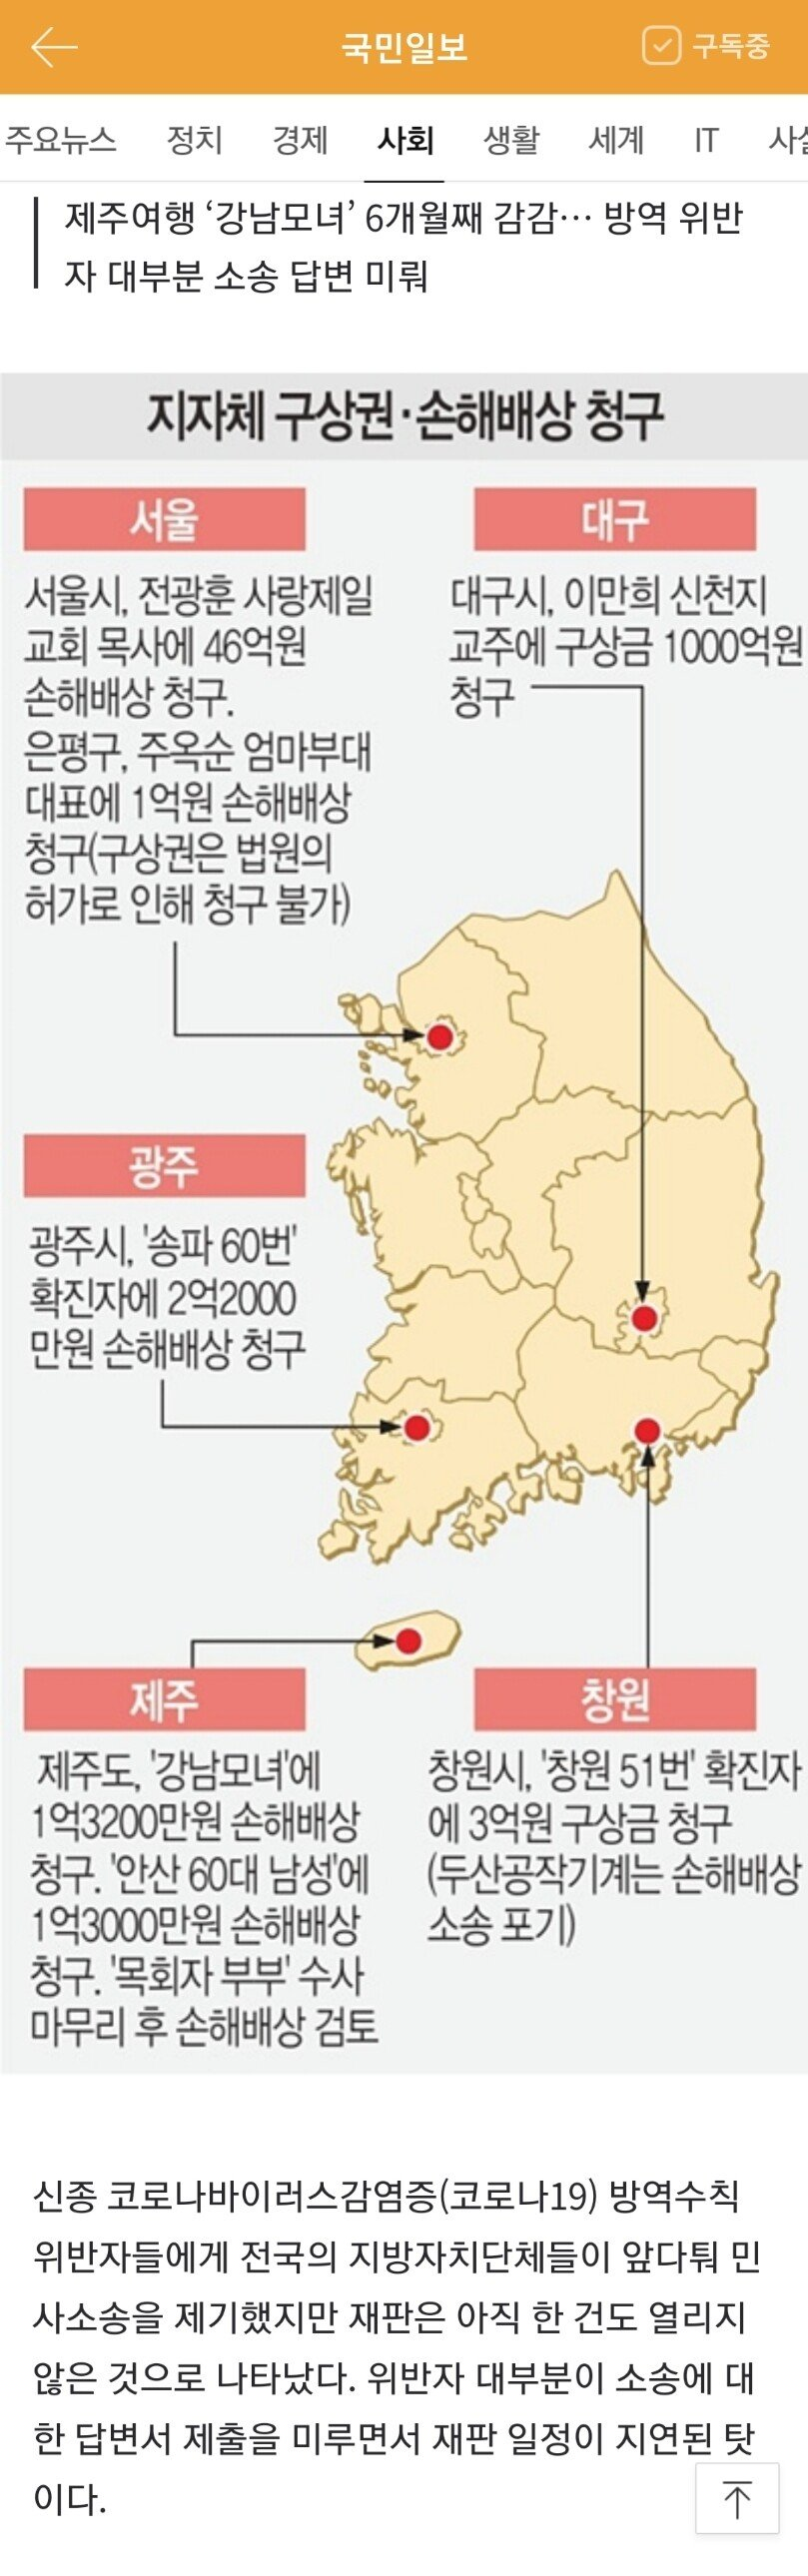 '코로나 구상권' 청구 잇따랐지만... 재판 열린 건 '0'